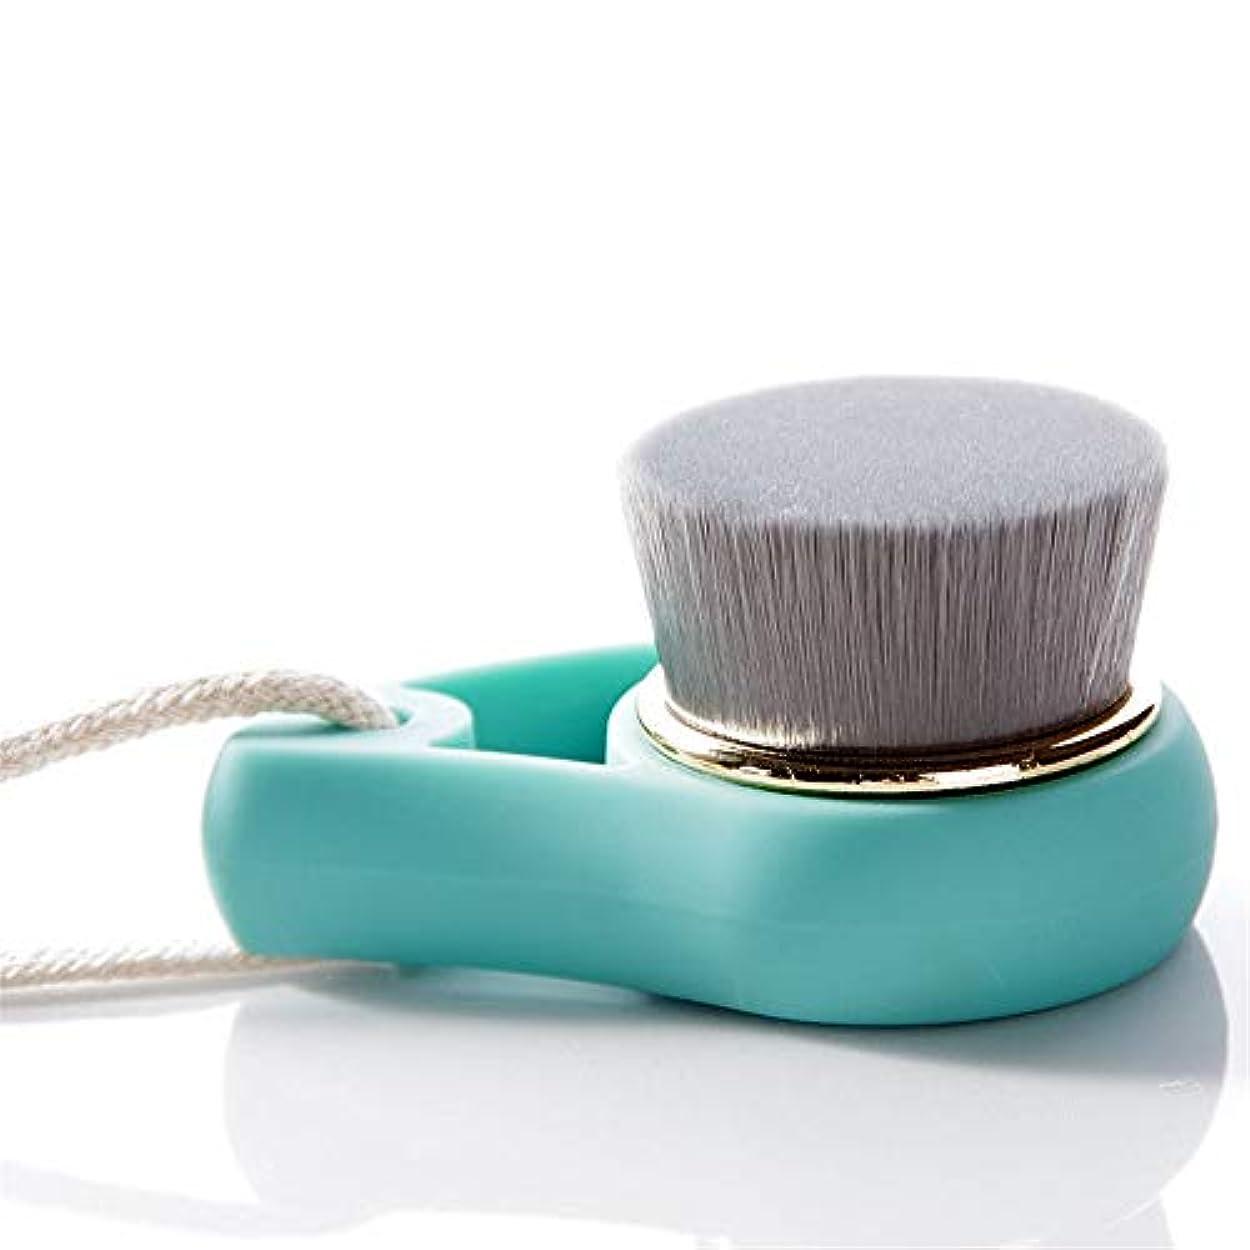 にはまって避けられないマウントバンク洗顔ブラシ ソフト剛毛フェイスクリーニング美容ブラシ女性のクレンジングブラシ ディープクレンジングスキンケア用